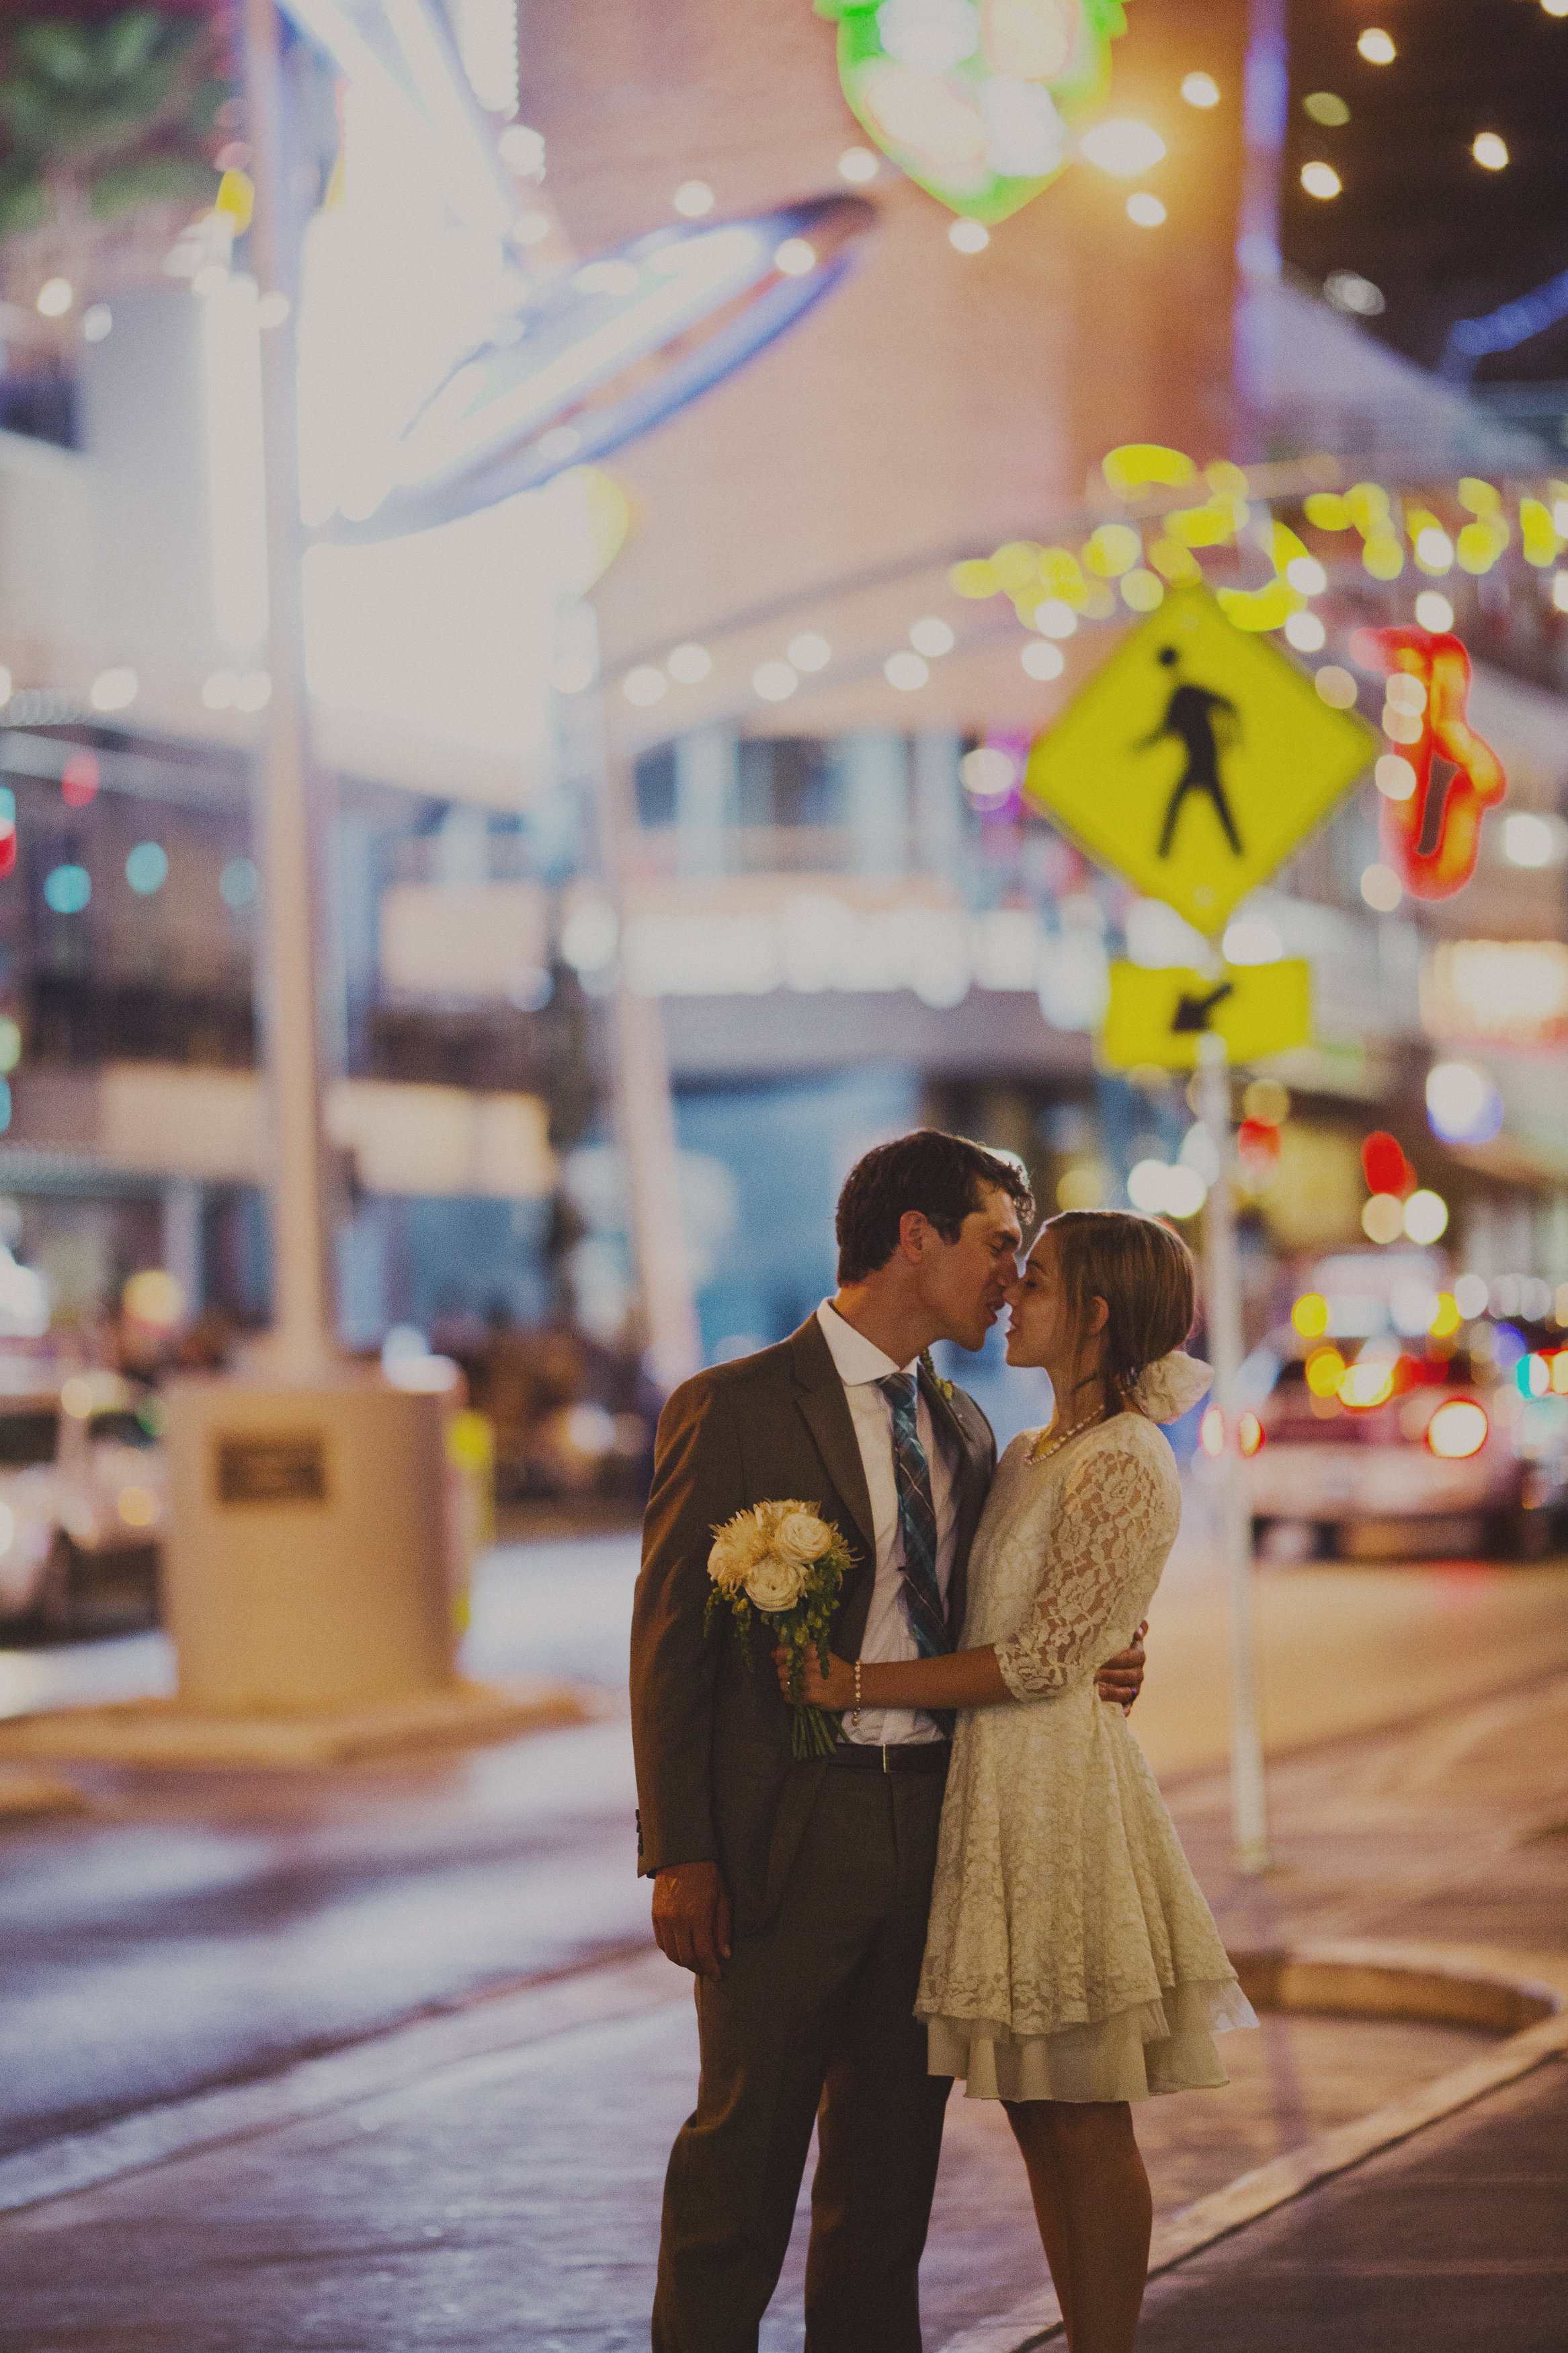 josie_brighton_wedding_08292015_0112.jpg